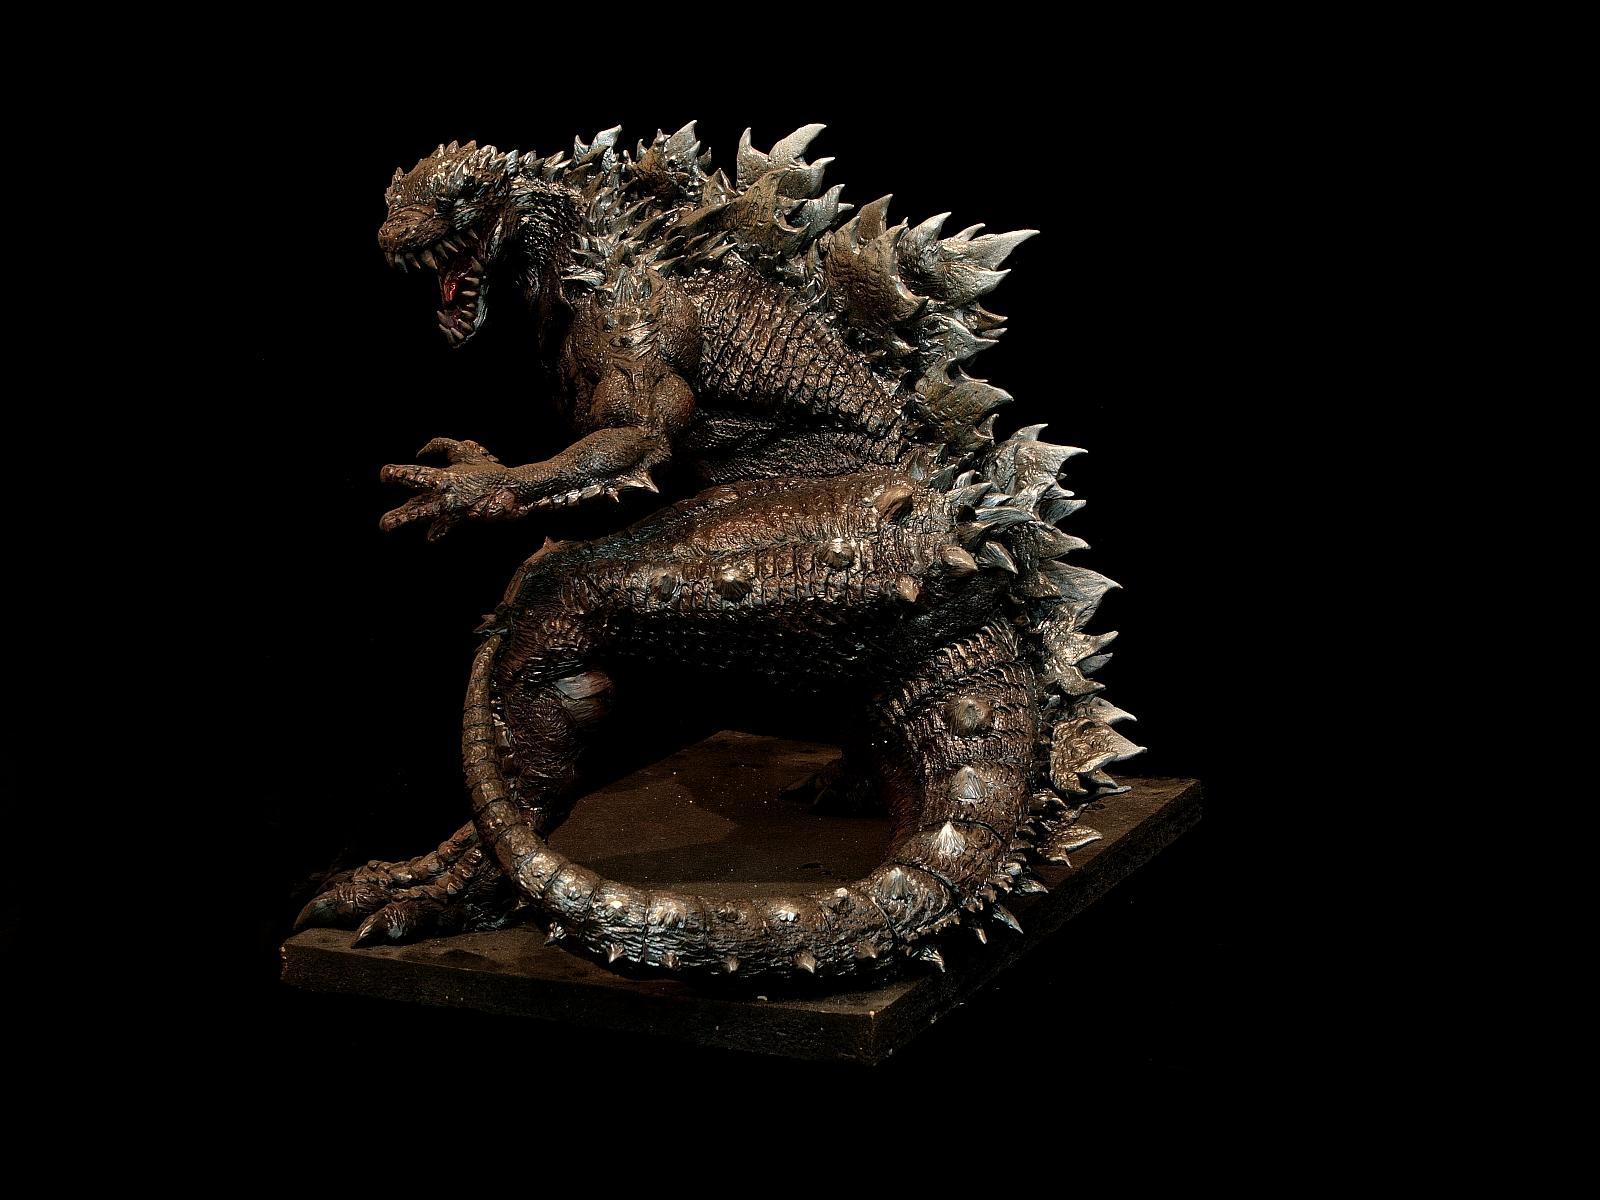 wallpaper godzilla monster dinosaur - photo #7